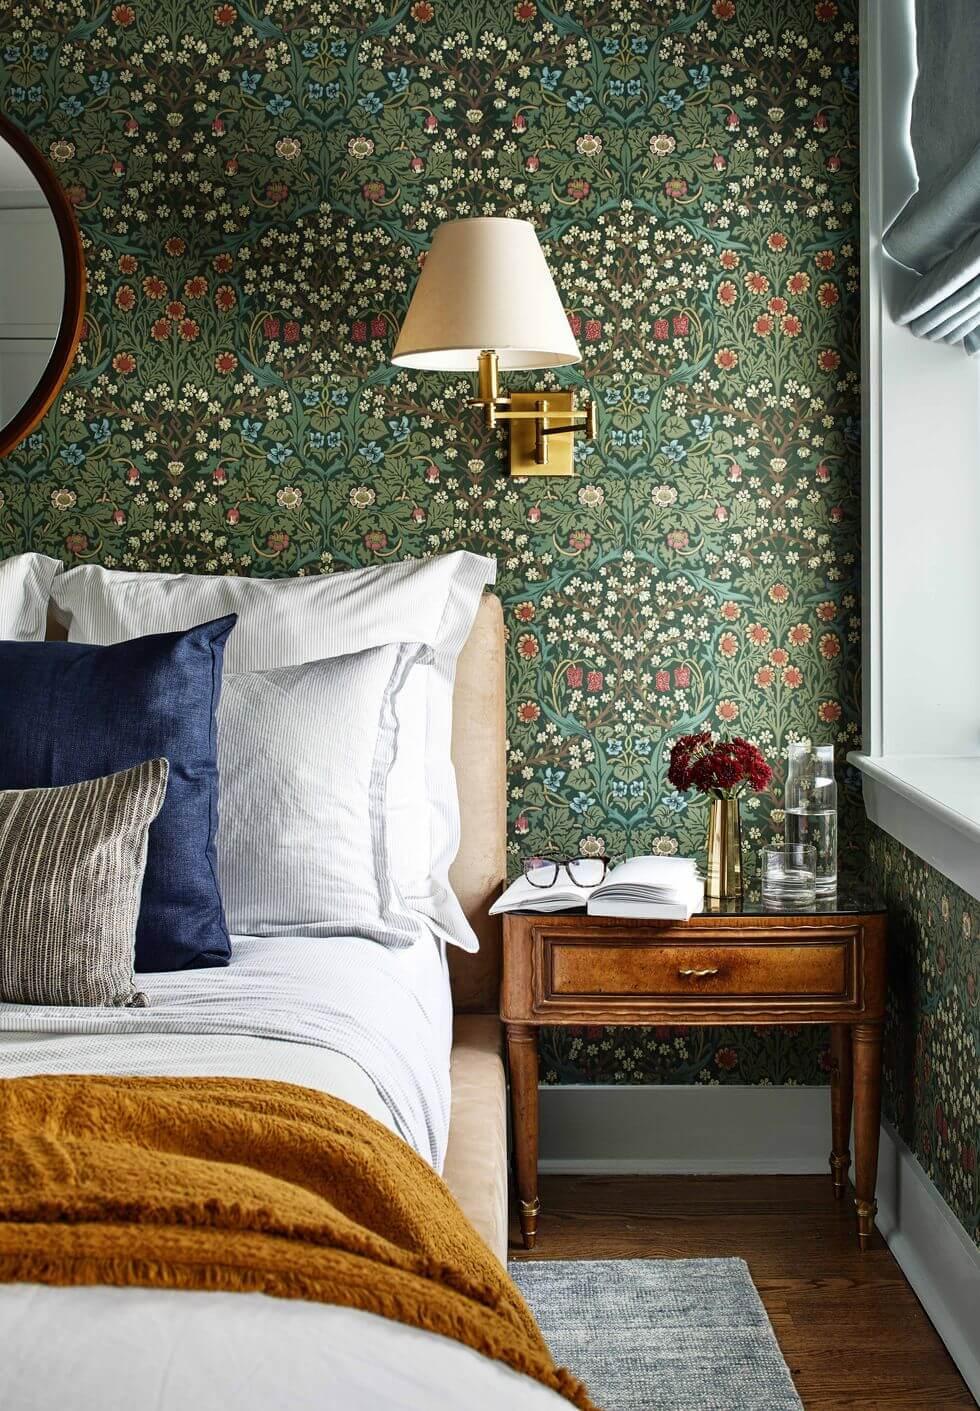 papier peint vert motifs floraux et vintage dans une chambre - Quel papier peint pour la chambre d'adulte ?